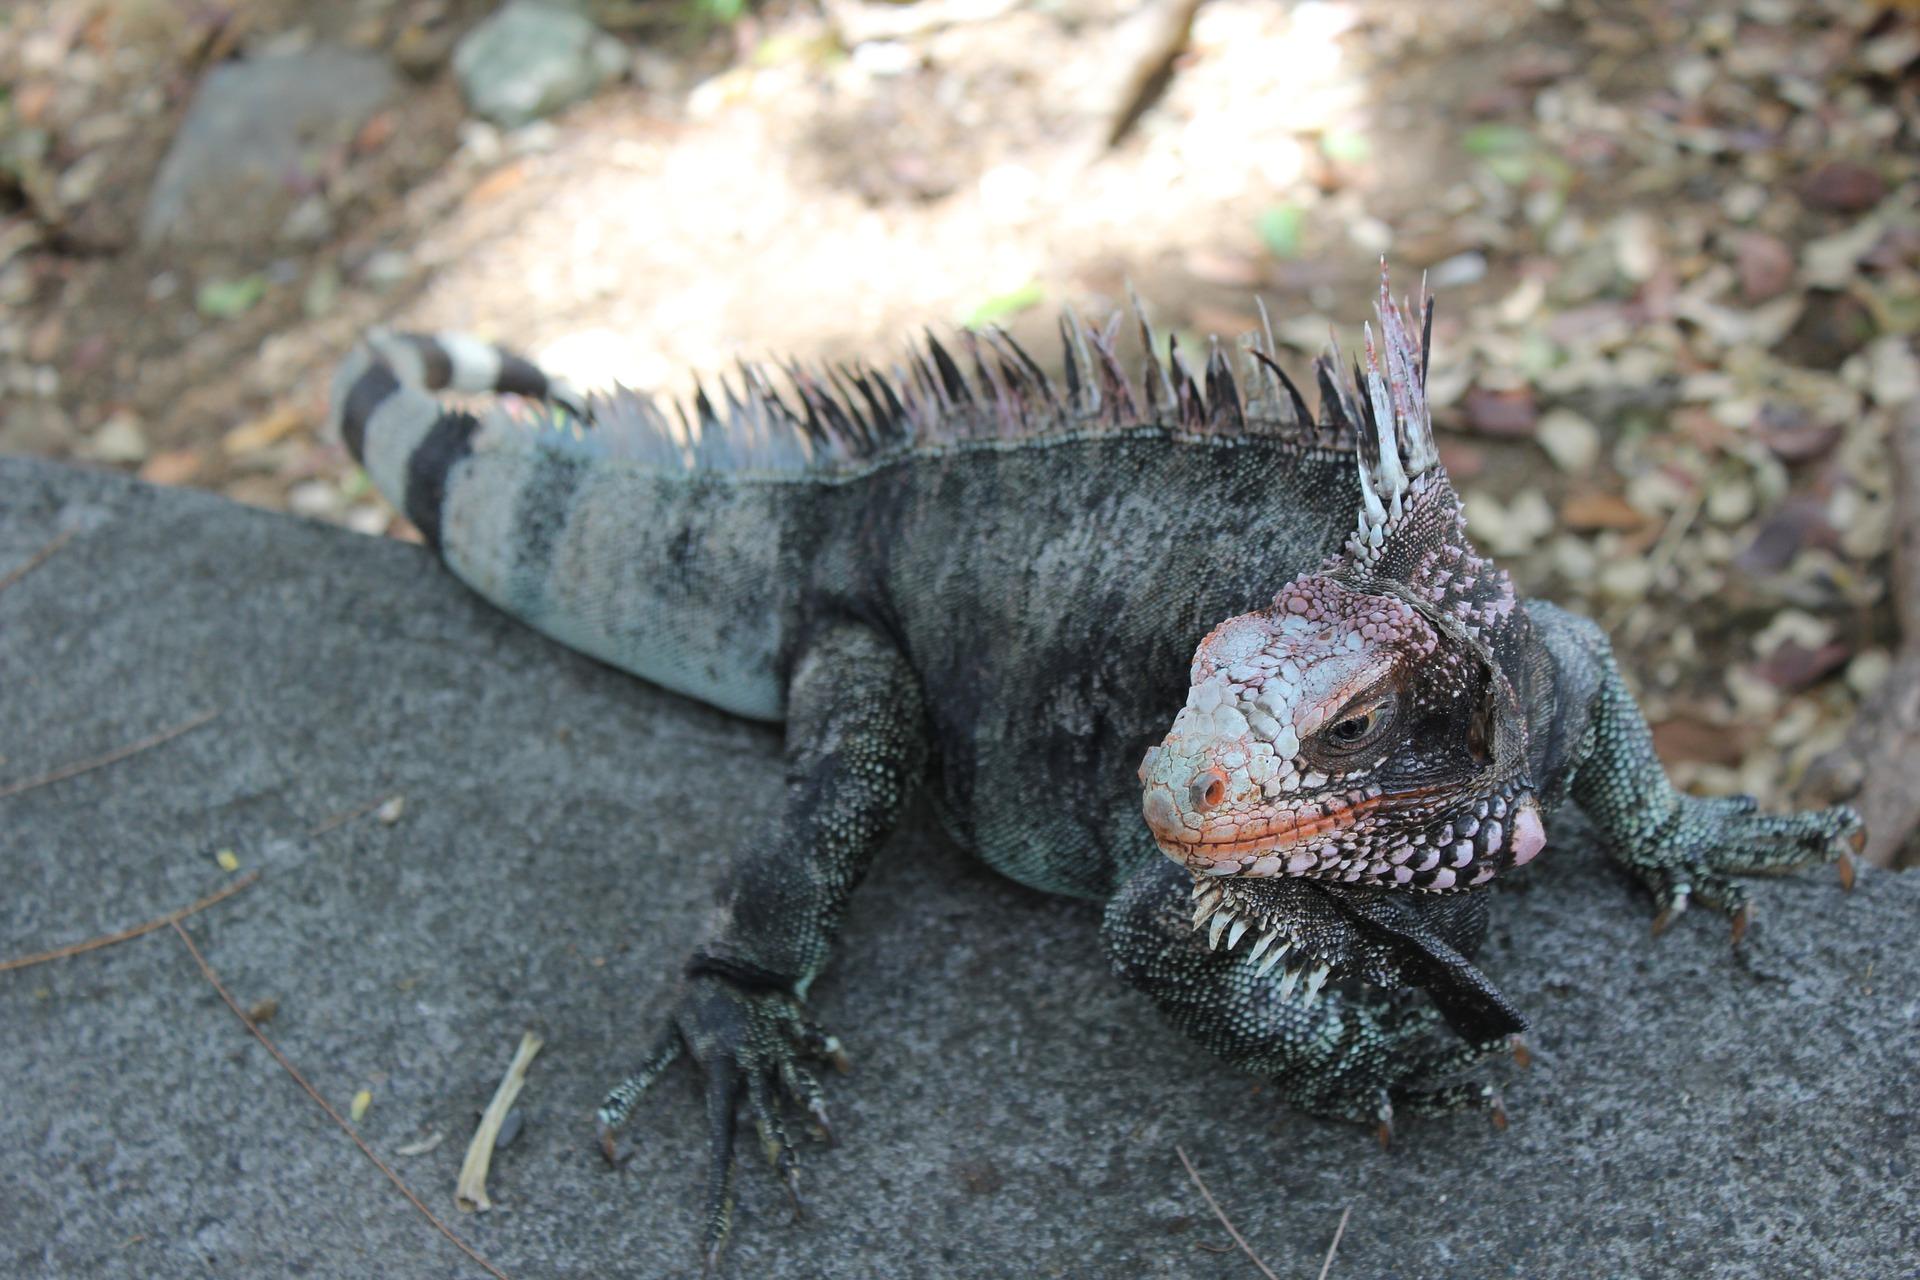 Bahamian iguana